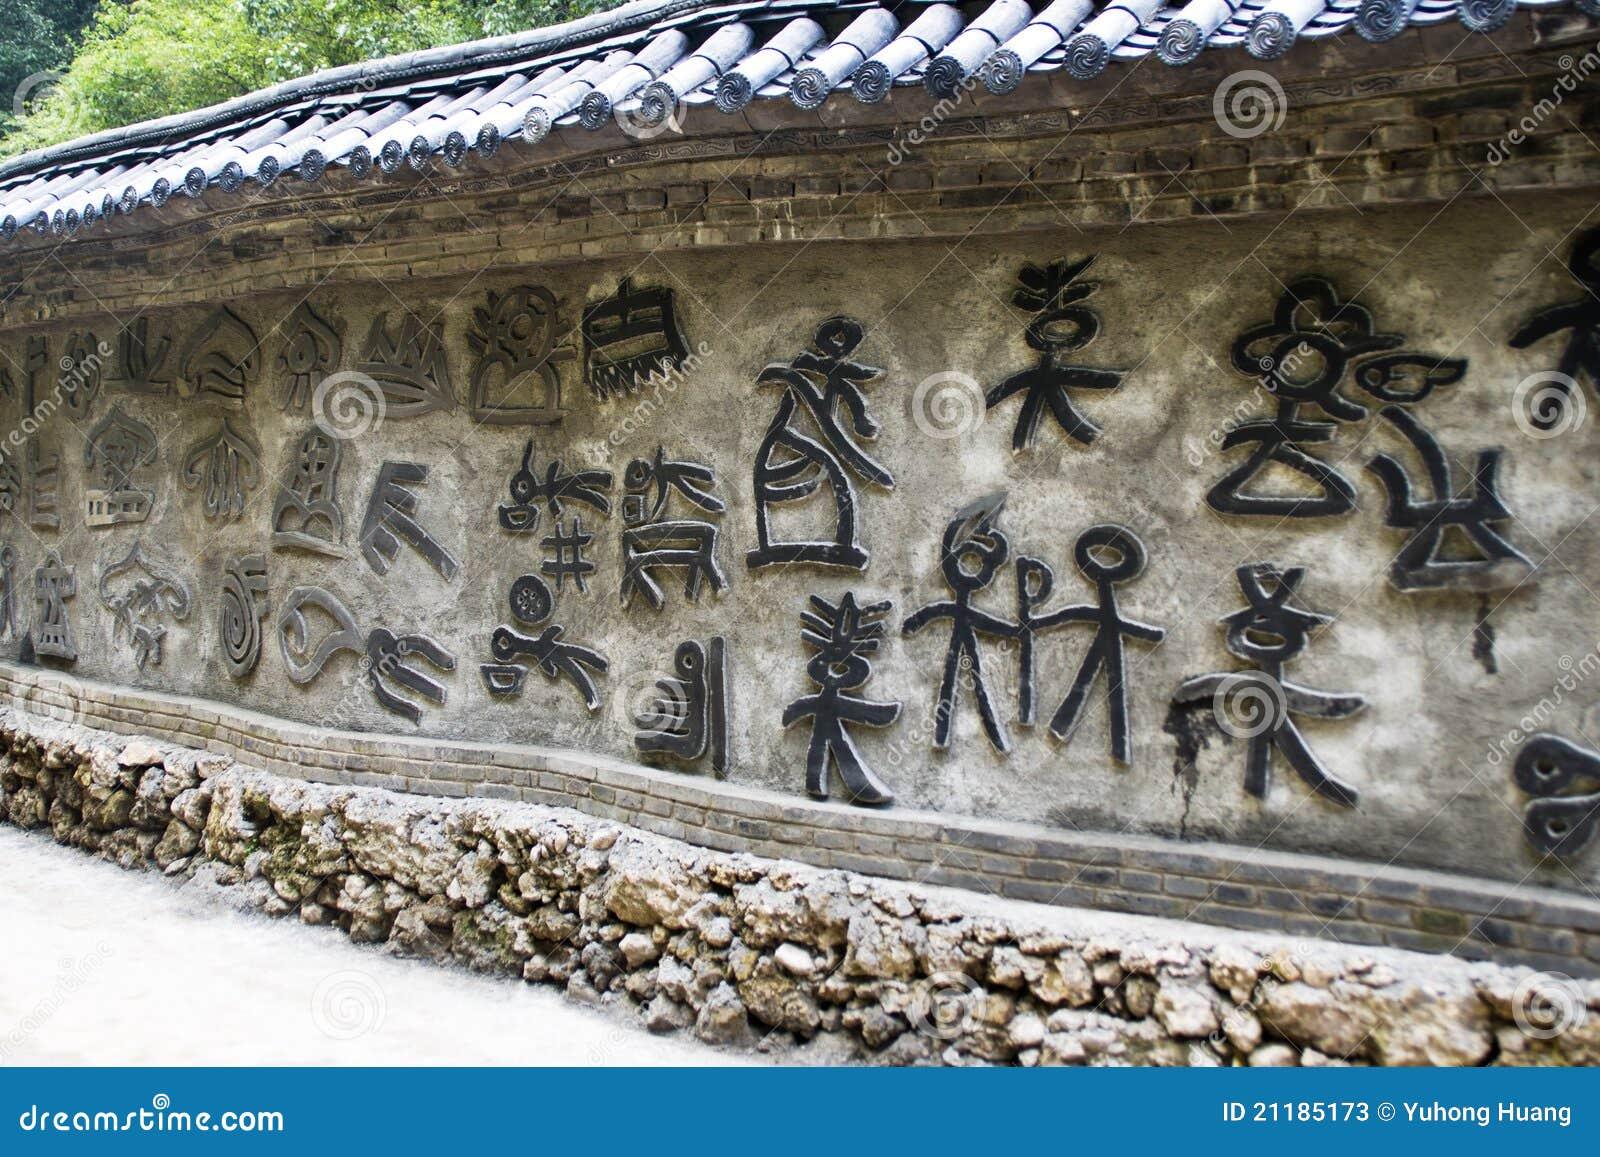 Chinese archaic wordage